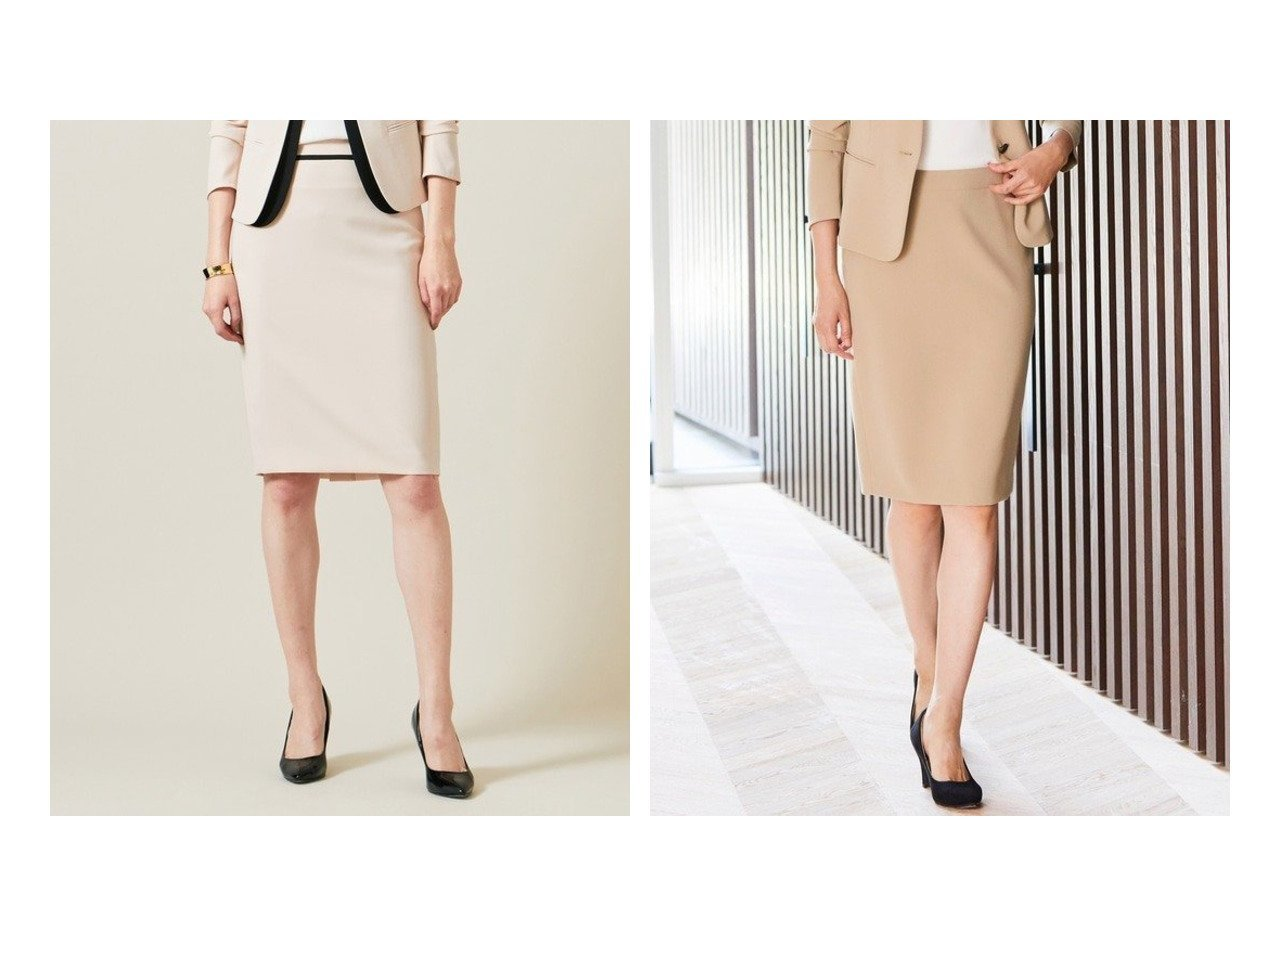 【BEIGE,/ベイジ,】のスカート&スカート スカートのおすすめ!人気、レディースファッションの通販 おすすめで人気のファッション通販商品 インテリア・家具・キッズファッション・メンズファッション・レディースファッション・服の通販 founy(ファニー) https://founy.com/ ファッション Fashion レディース WOMEN スカート Skirt セットアップ タイトスカート |ID:crp329100000004892